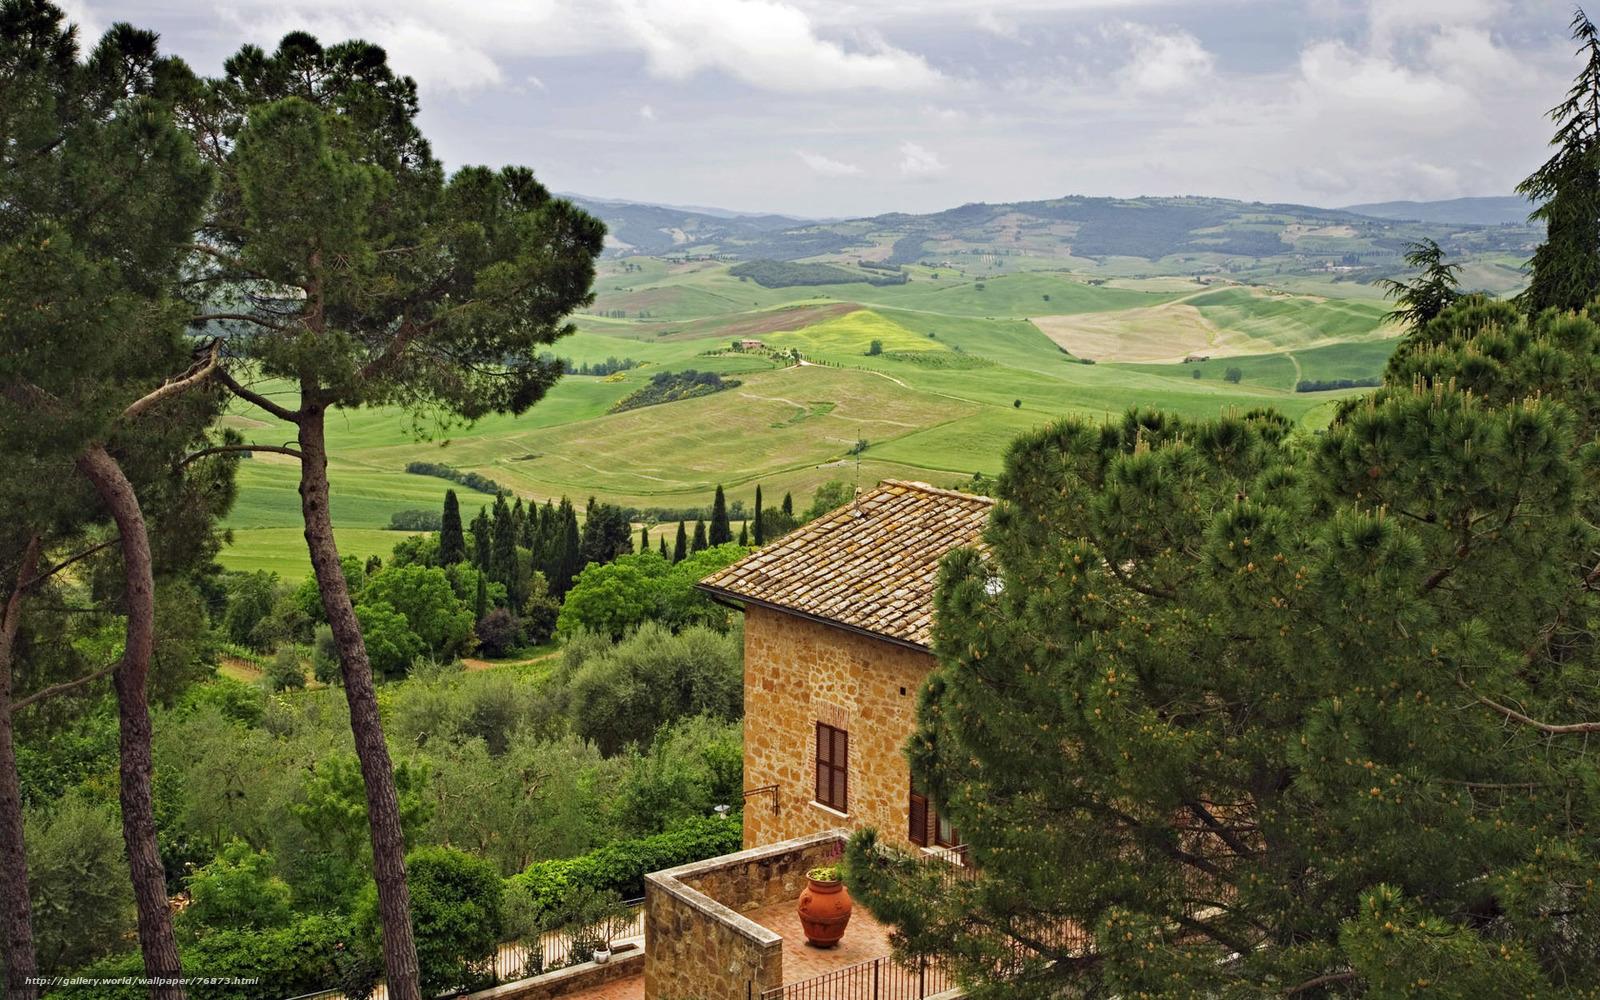 Скачать обои италия дом небо деревья